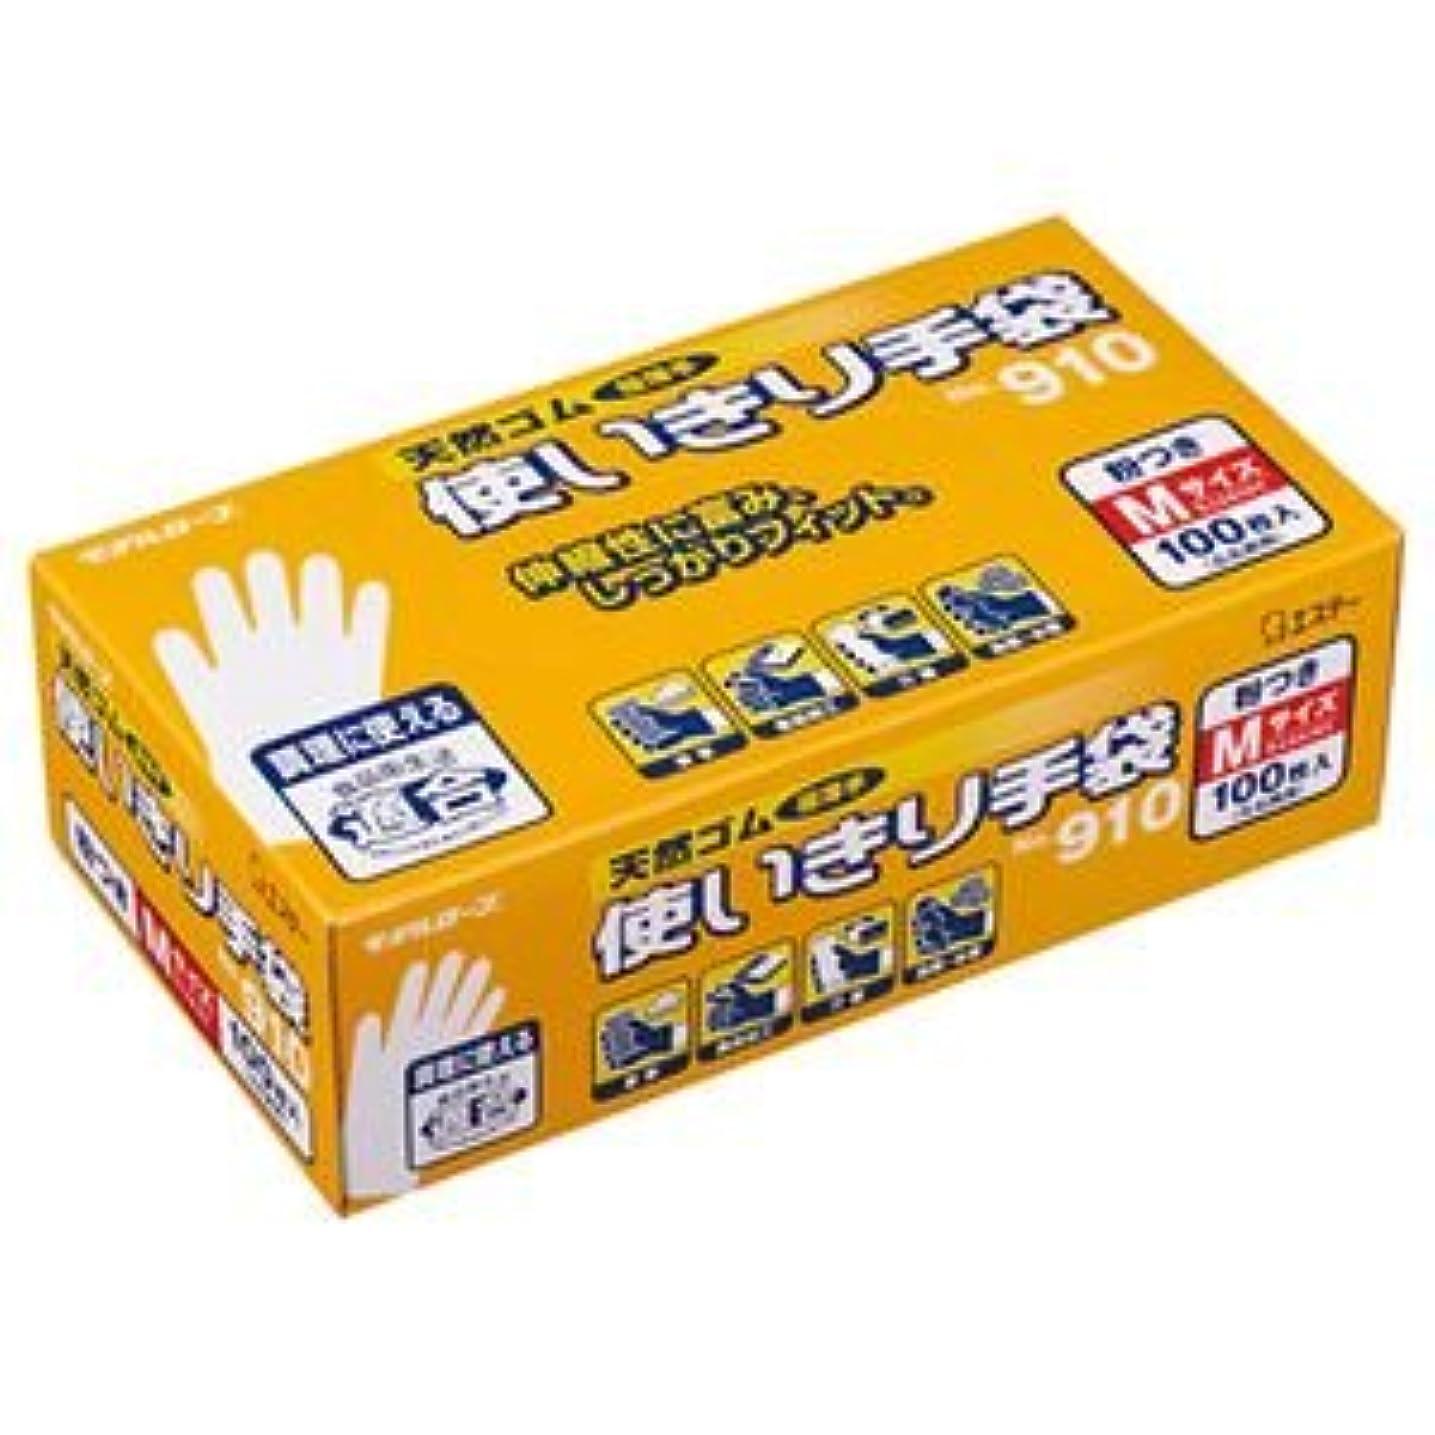 制限する見積りミッション(まとめ) エステー No.910 天然ゴム使いきり手袋(粉付) M 1箱(100枚) 【×5セット】 ds-1580594